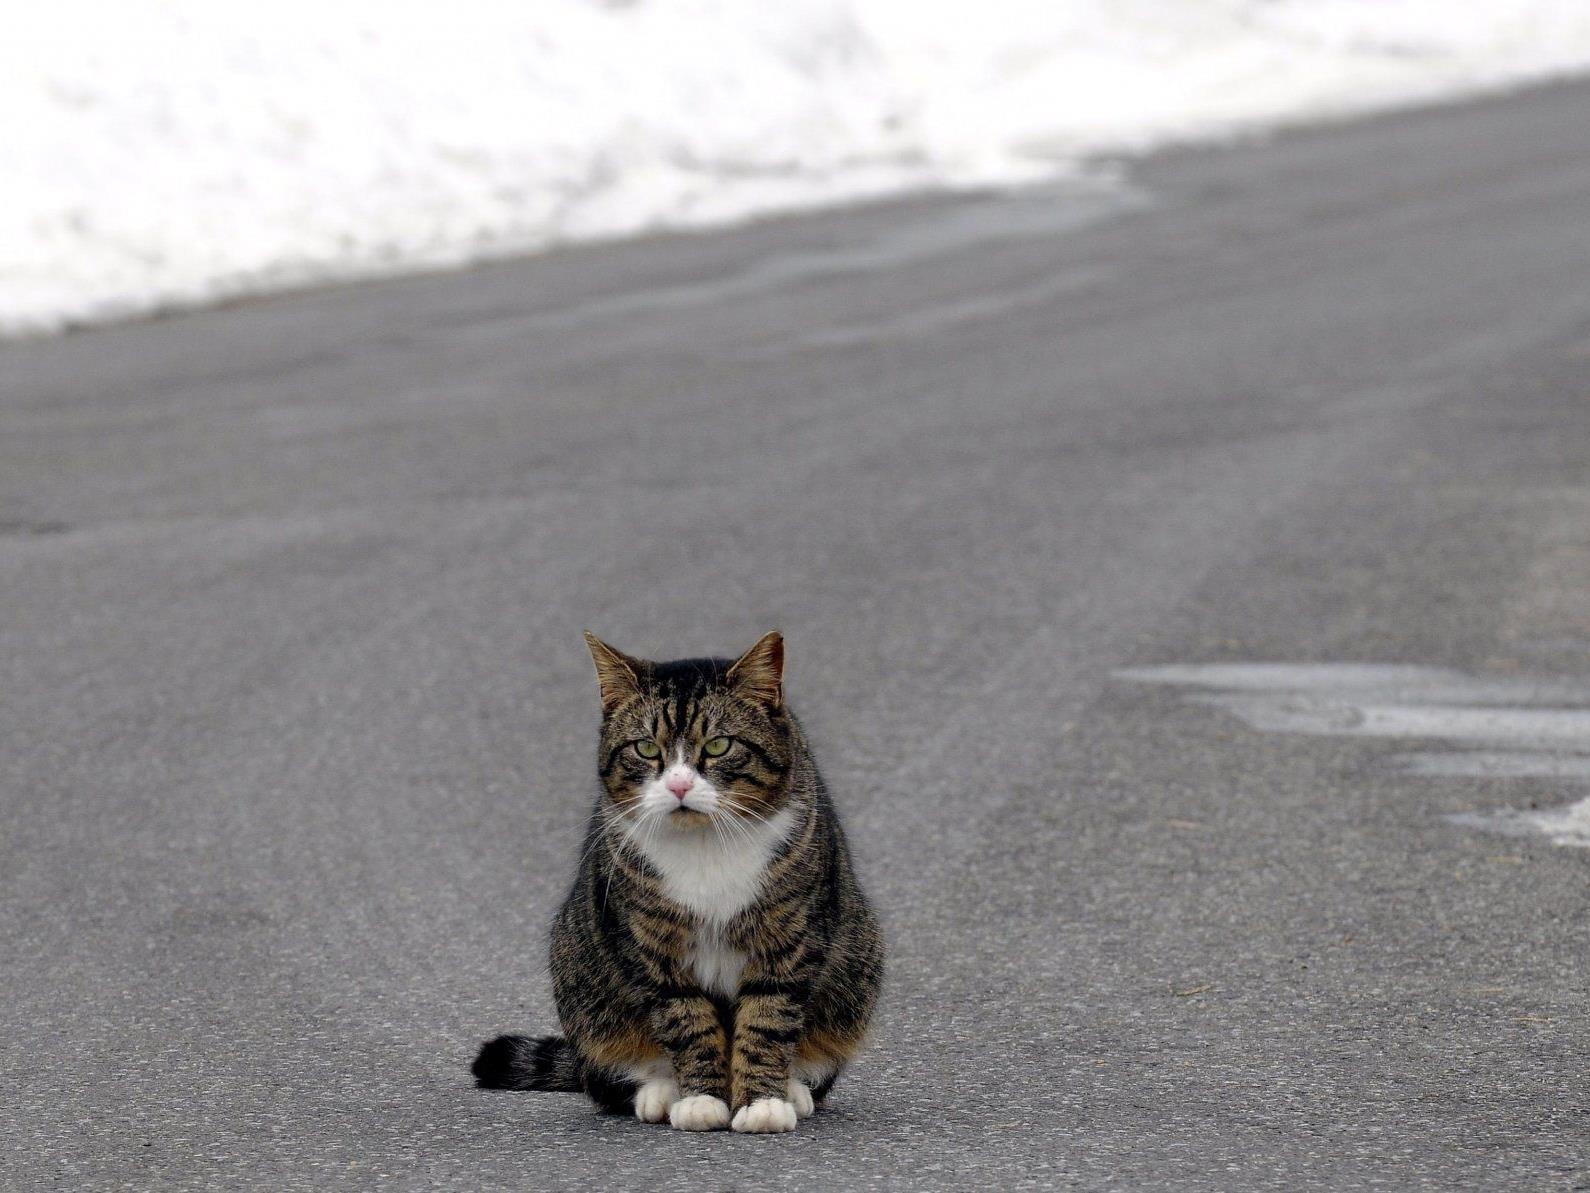 """Katze """"Daniella"""" wurde dreimal von der Polizei überfahren - um sie """"einzuschläfern""""."""